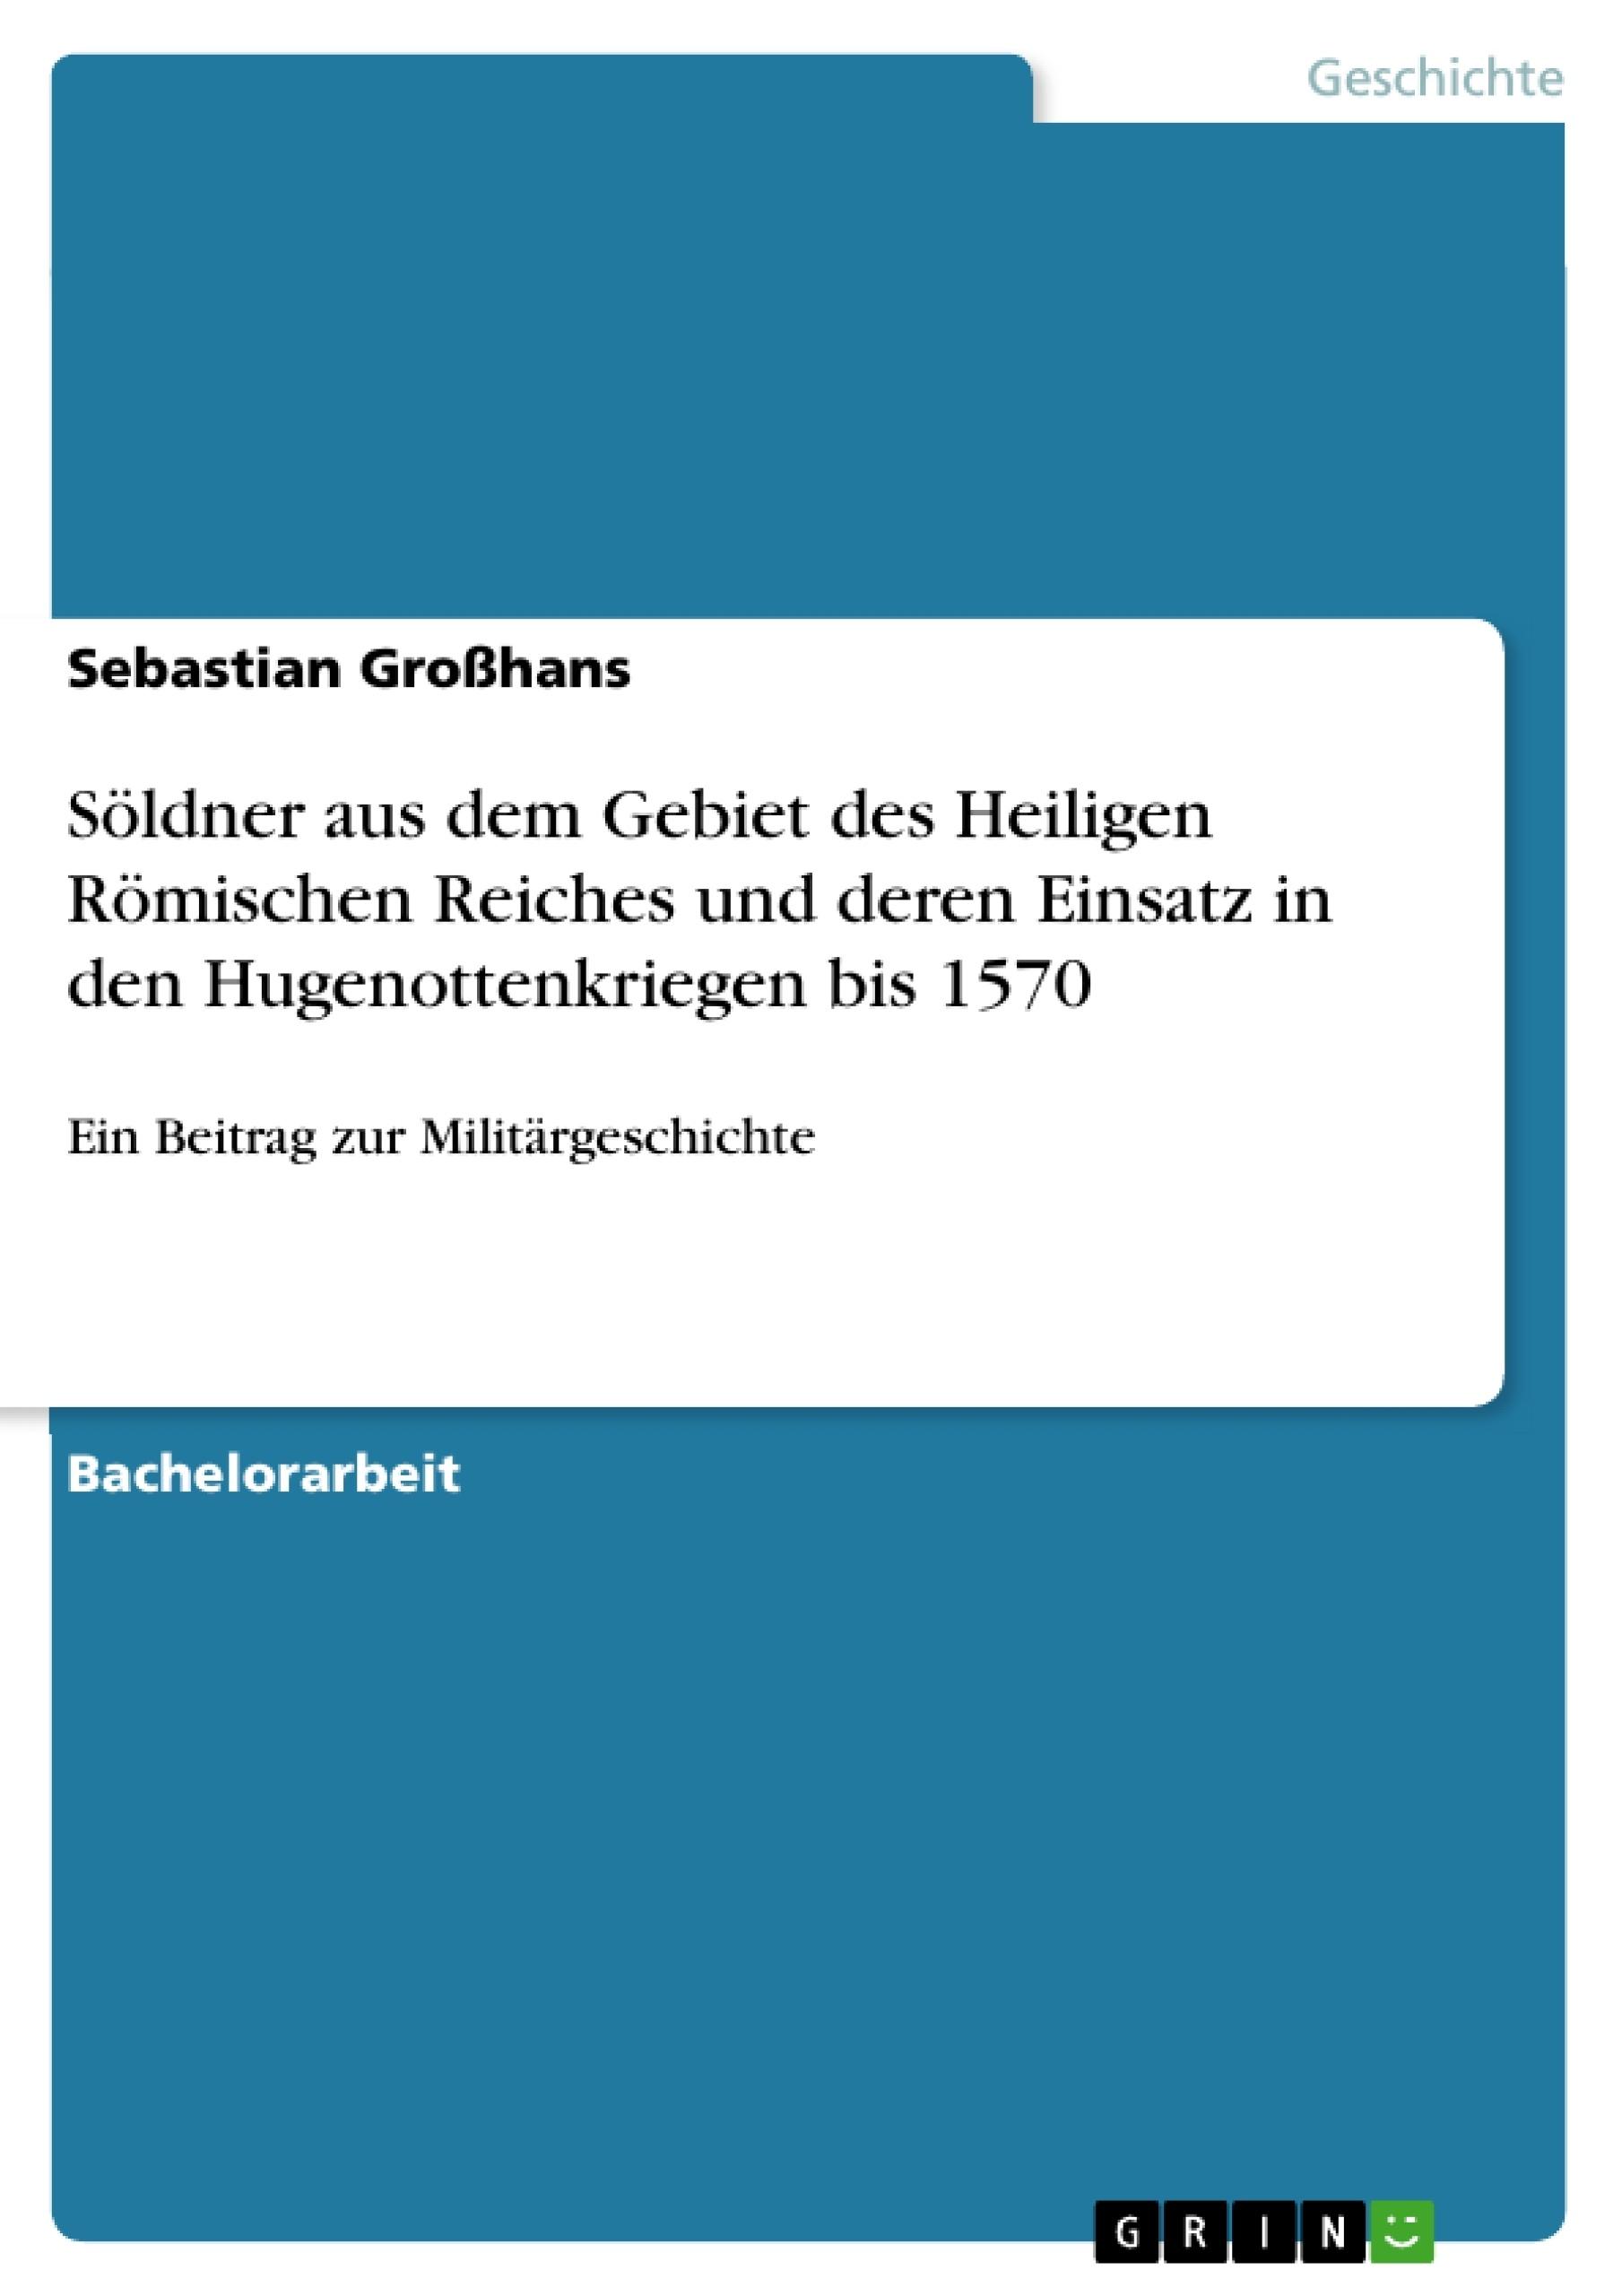 Titel: Söldner aus dem Gebiet des Heiligen Römischen Reiches und deren Einsatz in den Hugenottenkriegen bis 1570